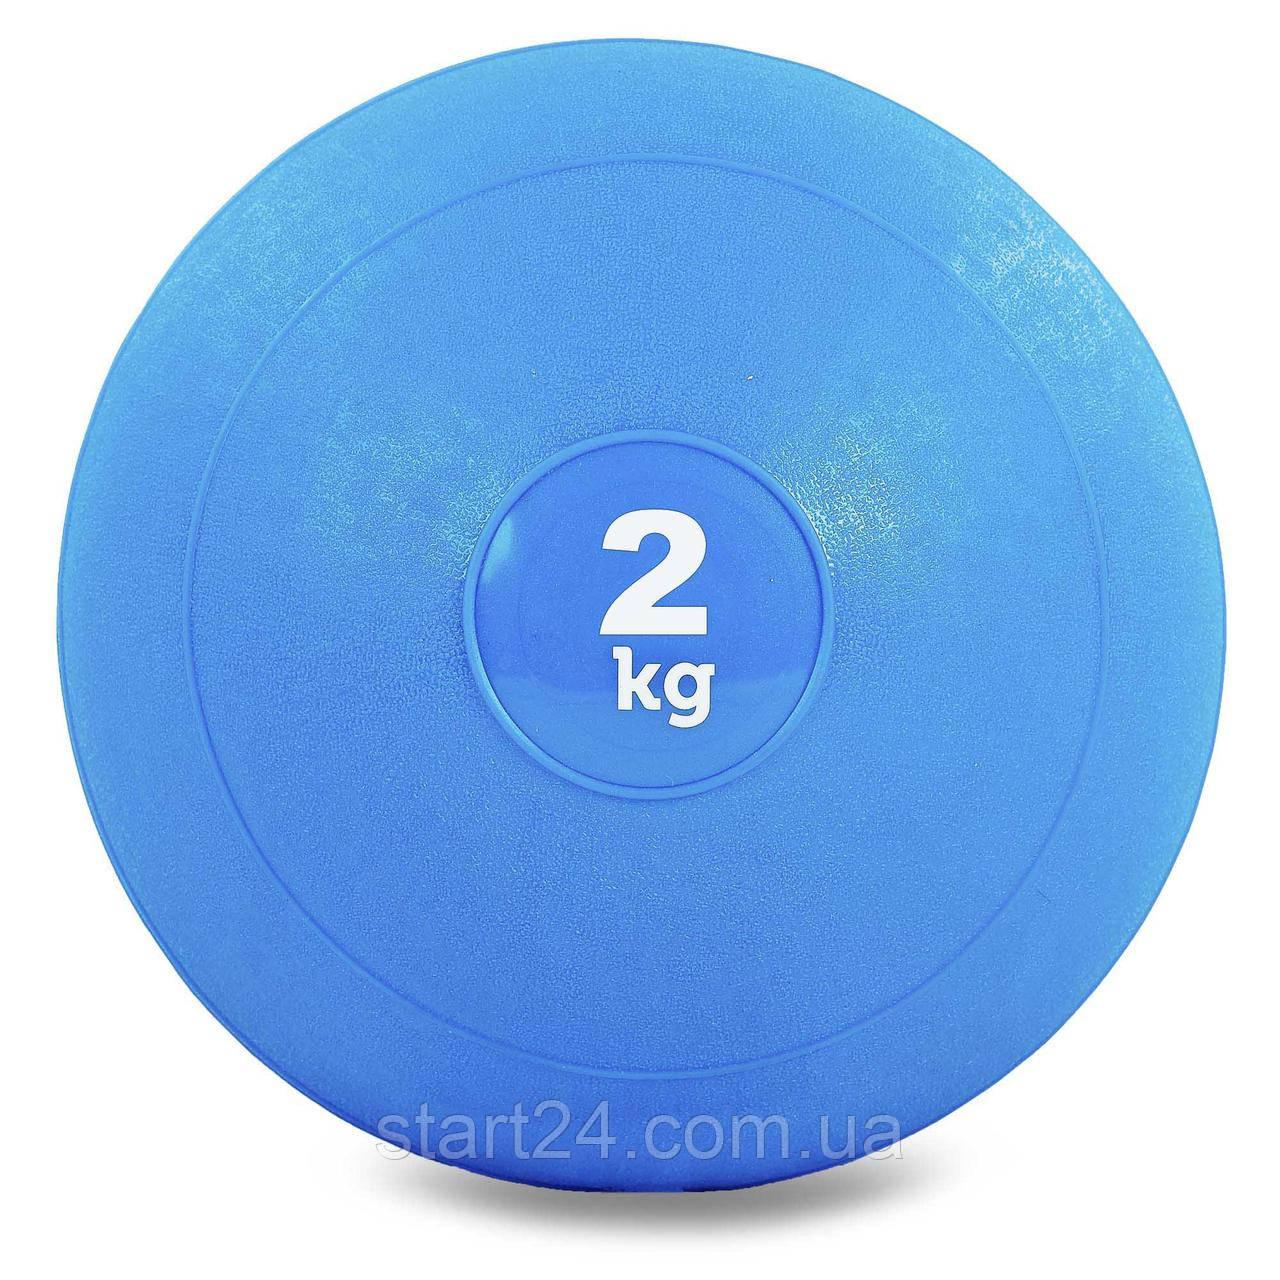 Мяч набивной слэмбол для кроссфита Record SLAM BALL FI-5165-2 2кг (резина, минеральный наполнитель, d-23см,